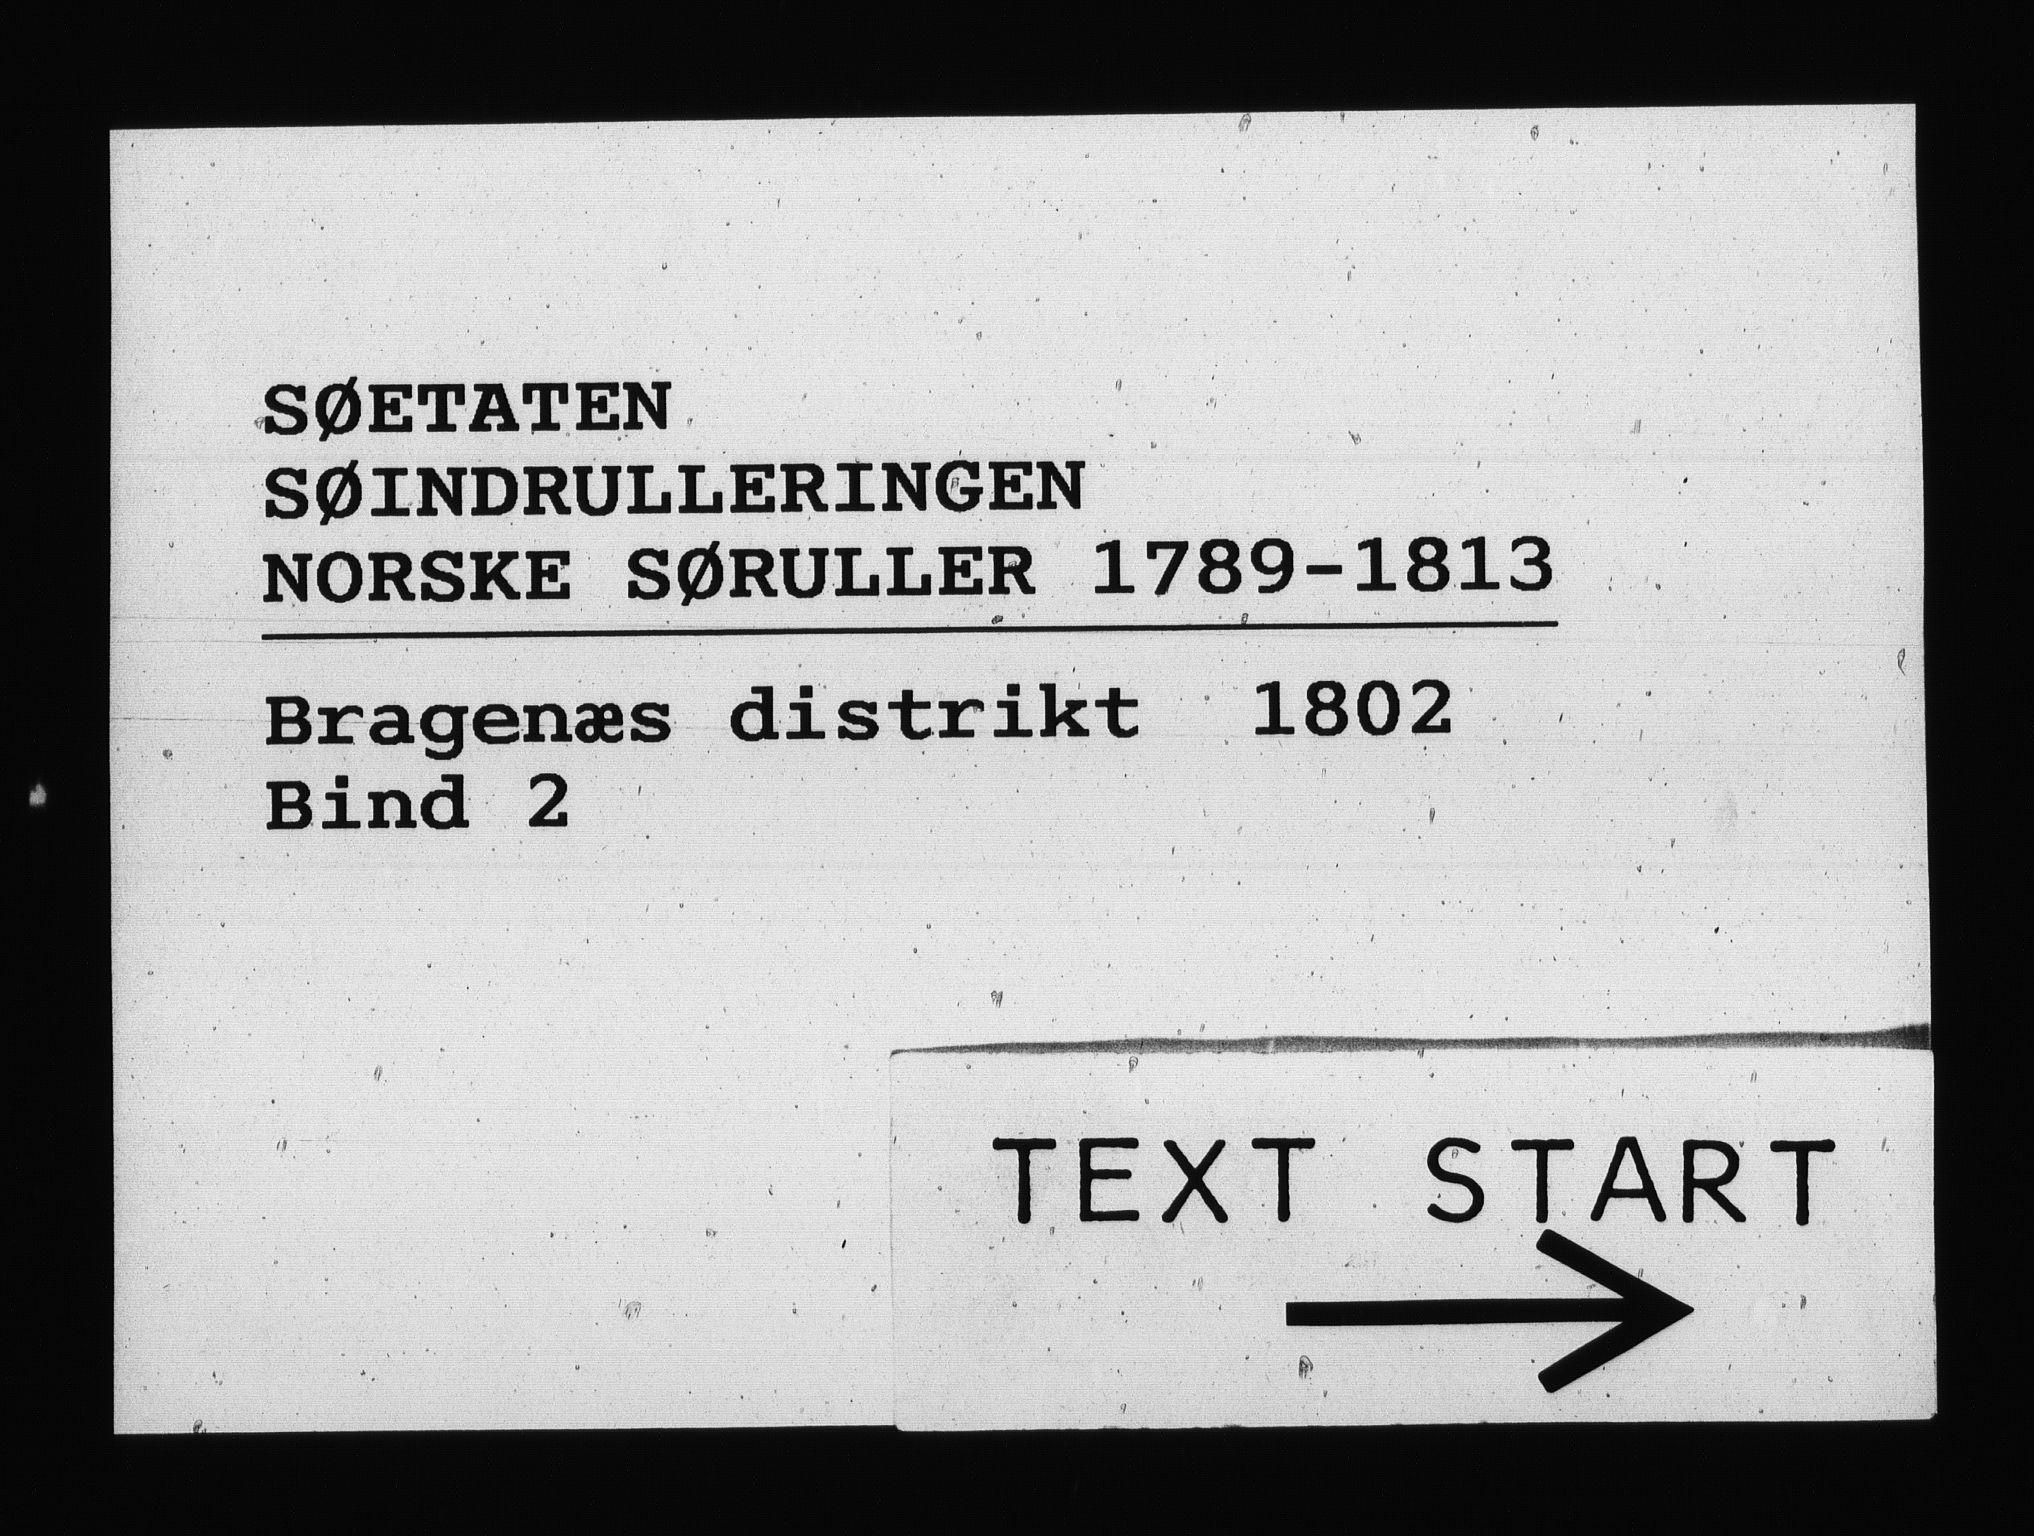 RA, Sjøetaten, F/L0144: Bragernes distrikt, bind 2, 1802